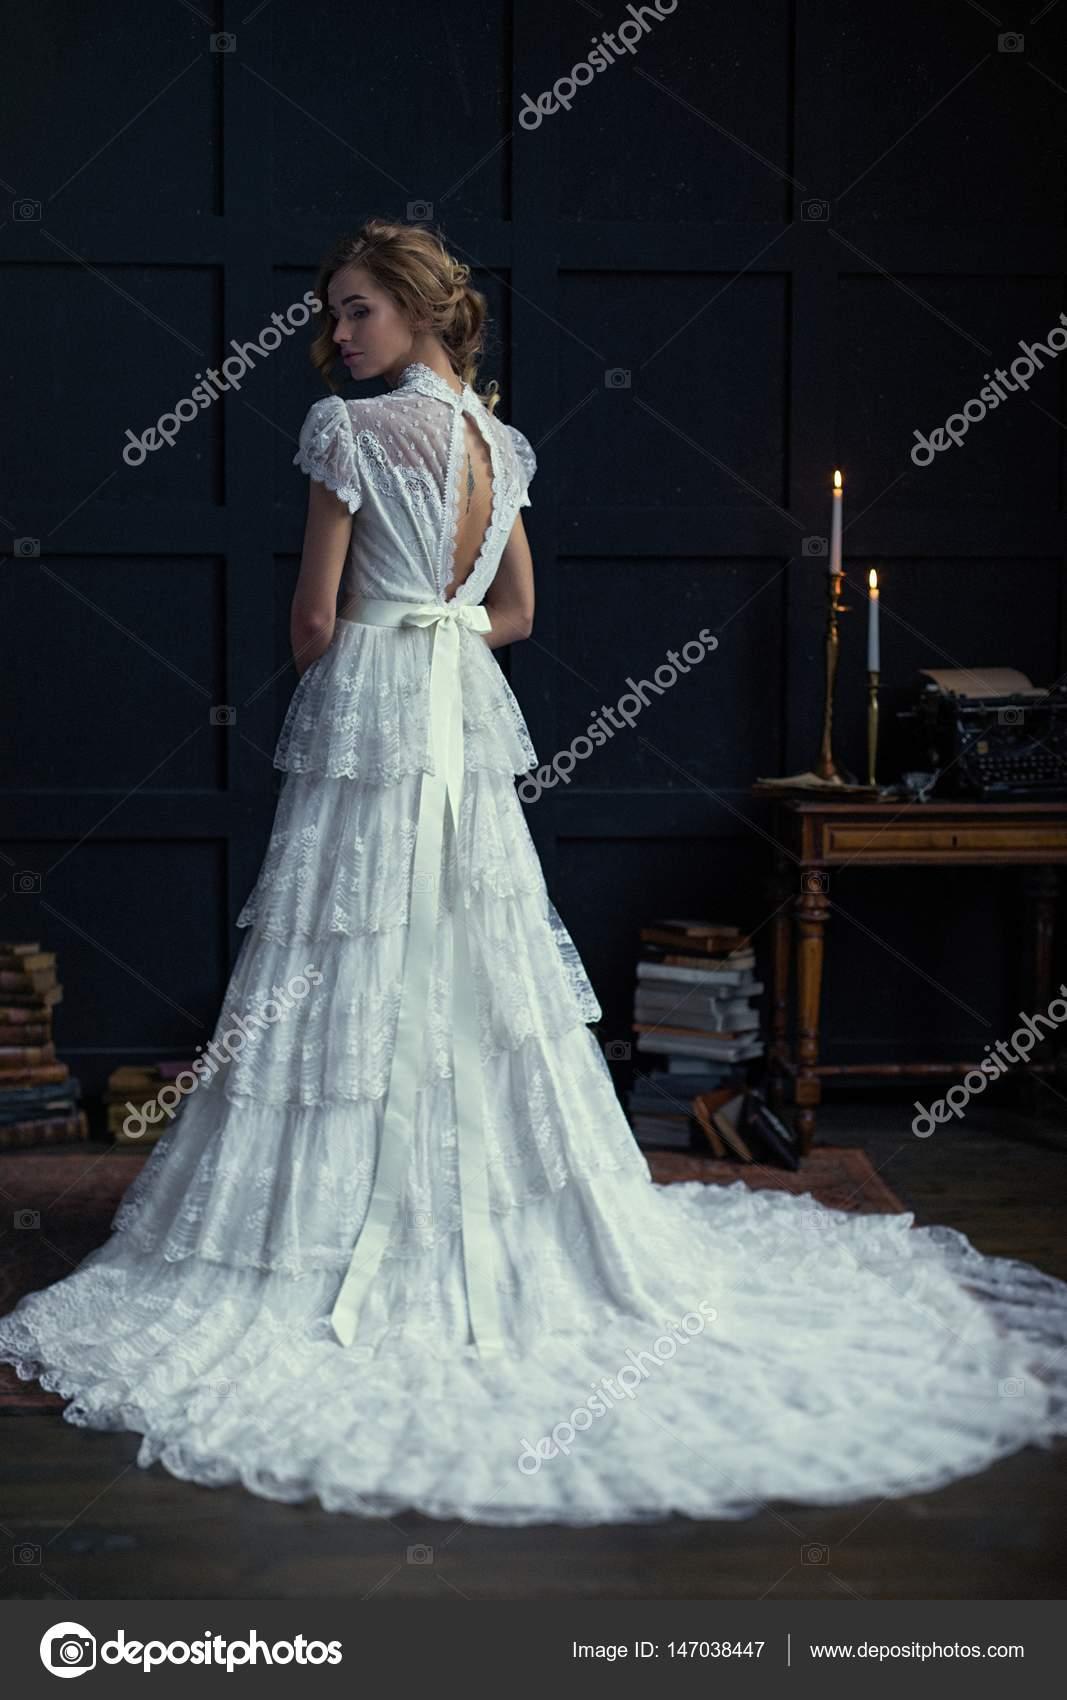 mujer con vestido de novia — Foto de stock © smmartynenko #147038447